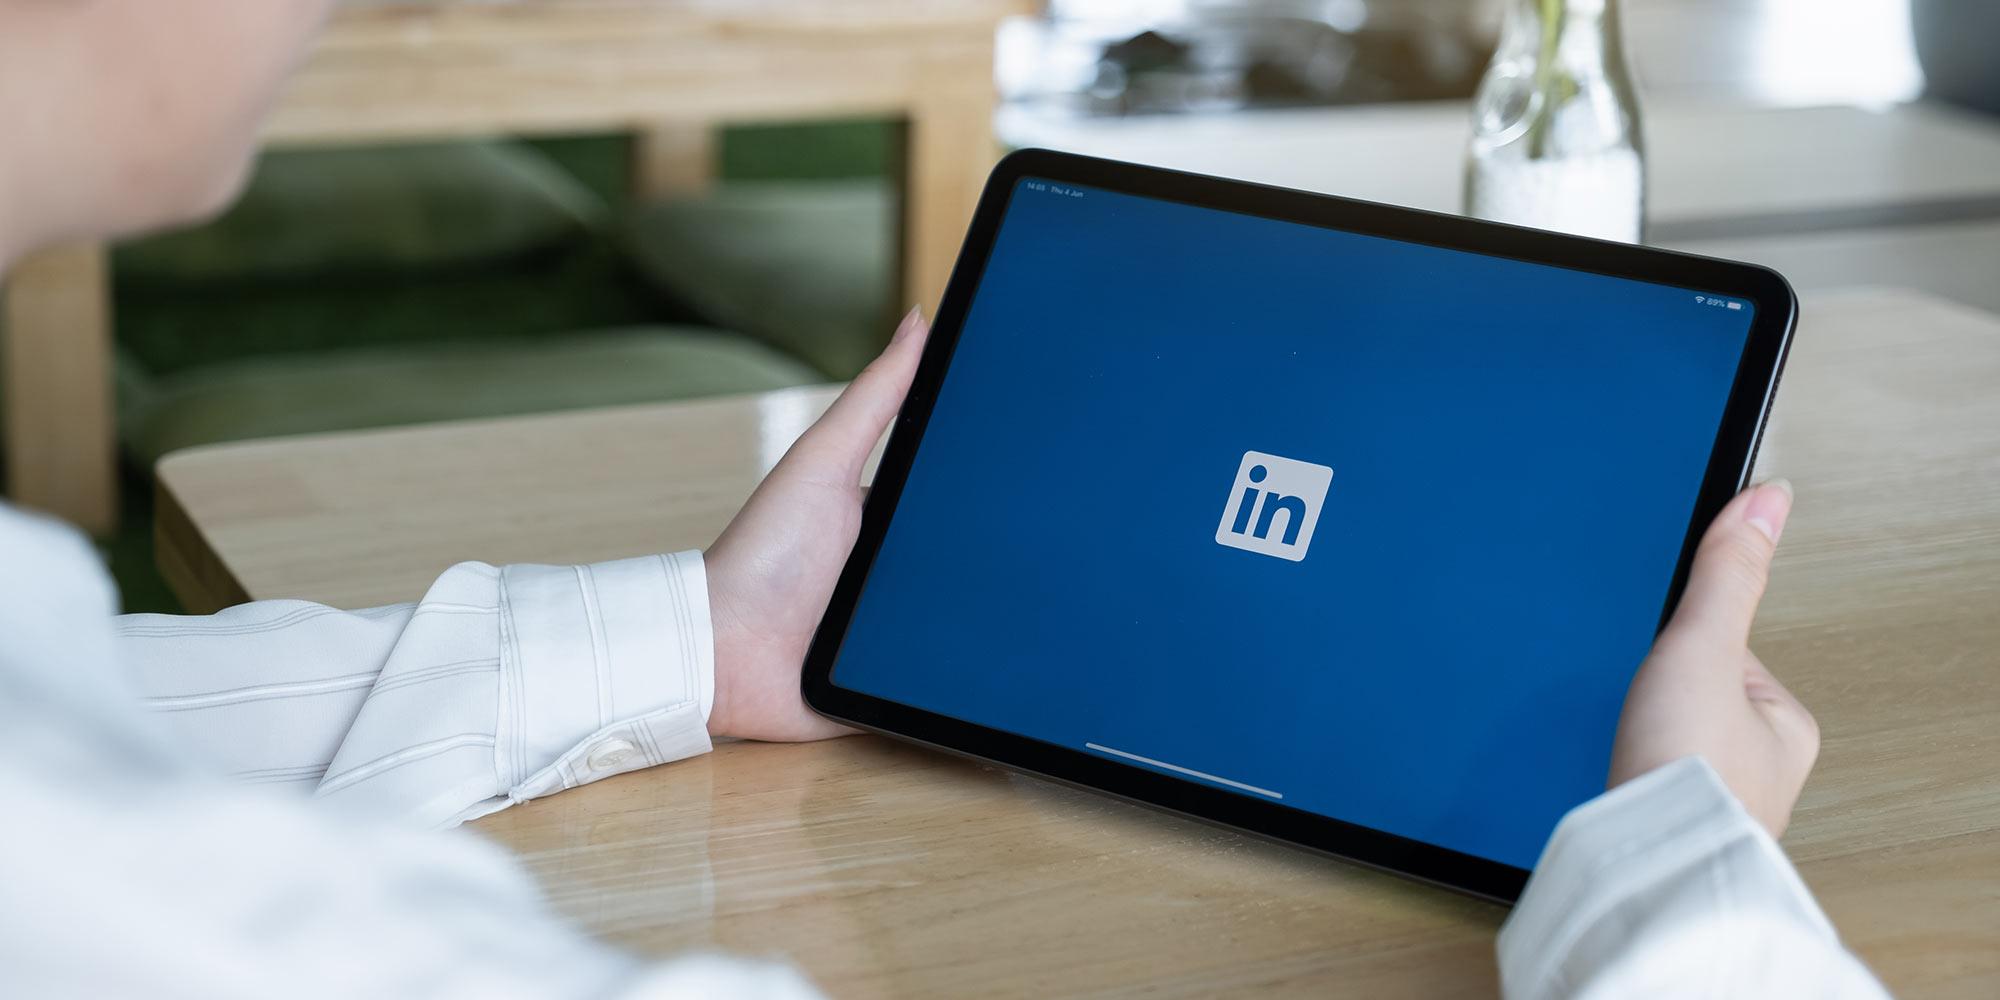 Saiba por que todo advogado deveria ter um perfil no LinkedIn